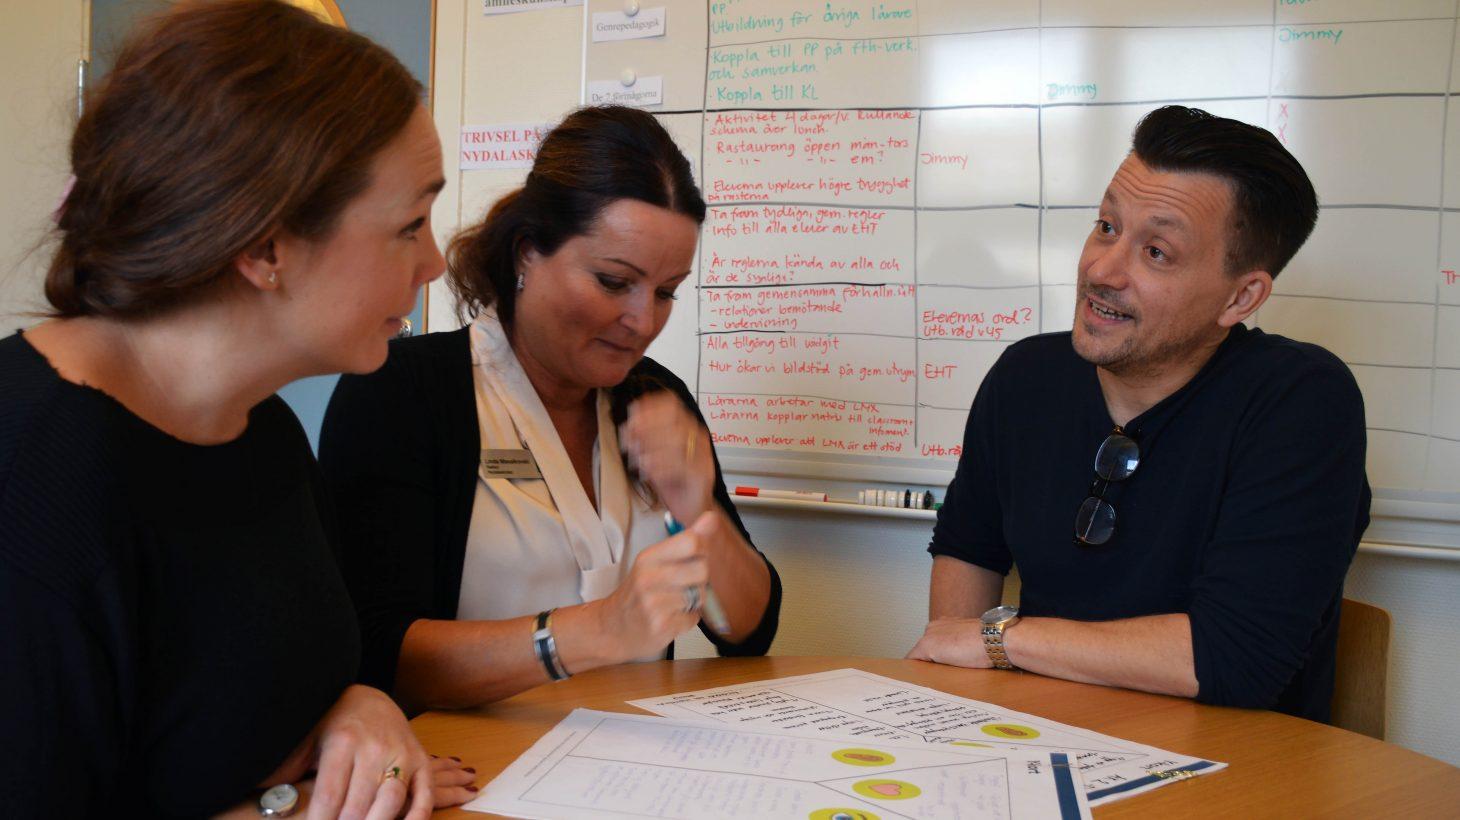 Skolledning sitter vid ett bord där papper med KL-strukturer presenteras.